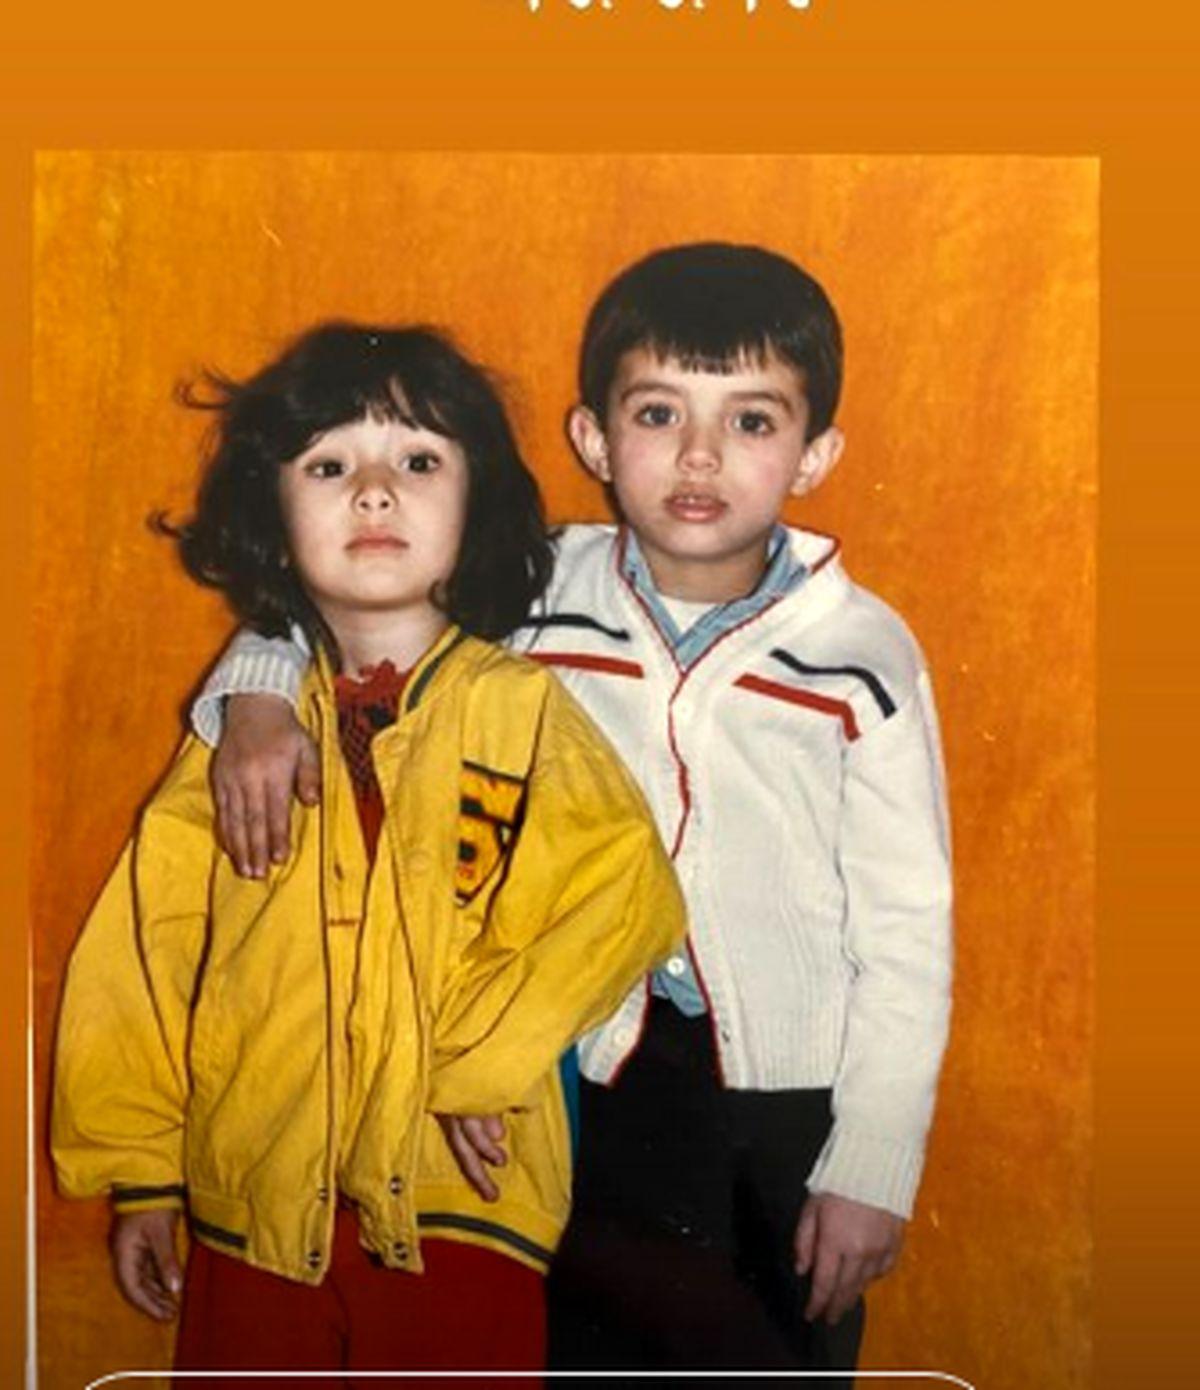 بهاره افشاری عکس مادرش را منتشر کرد/ عکسهای کودکی بهاره افشاری